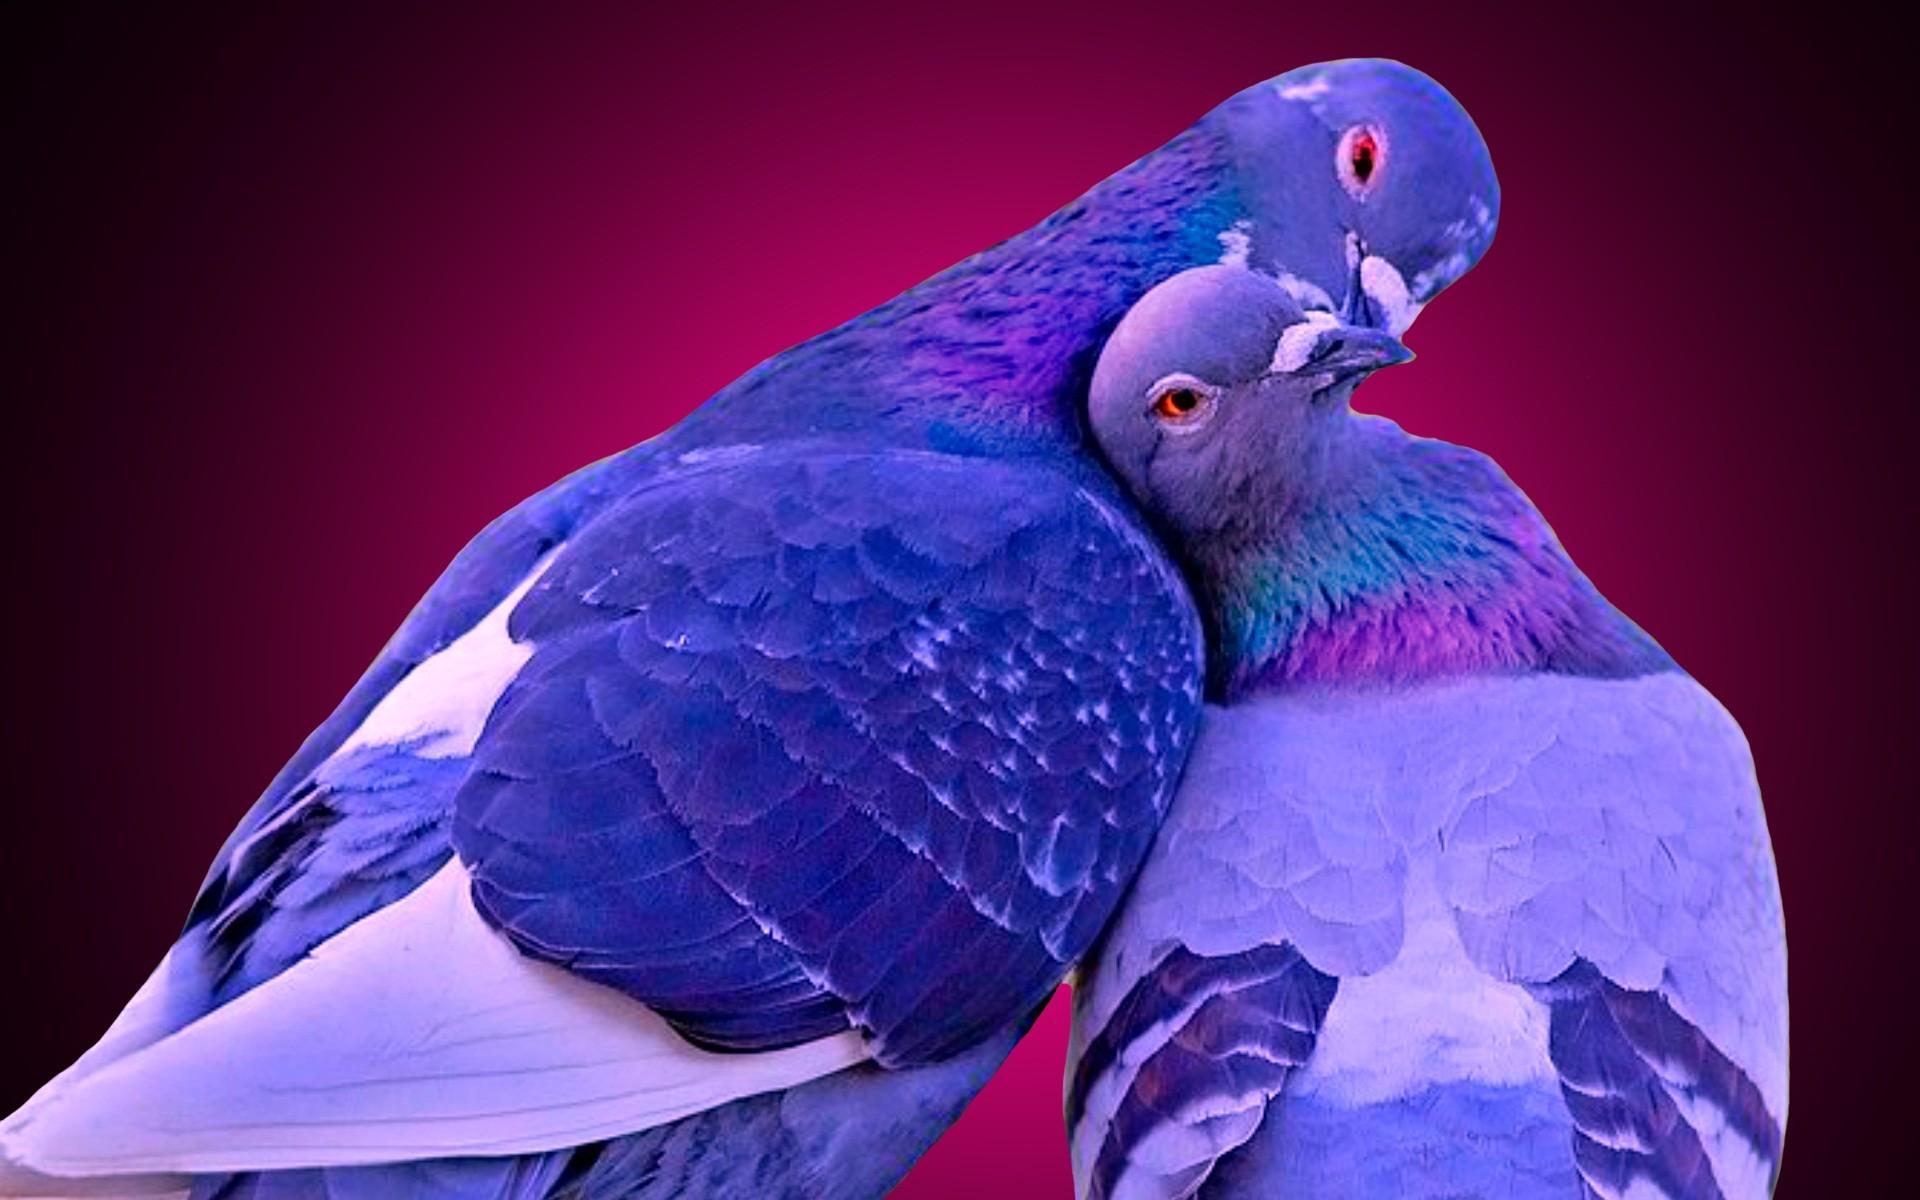 Tweety Bird Wallpaper 60 Pictures